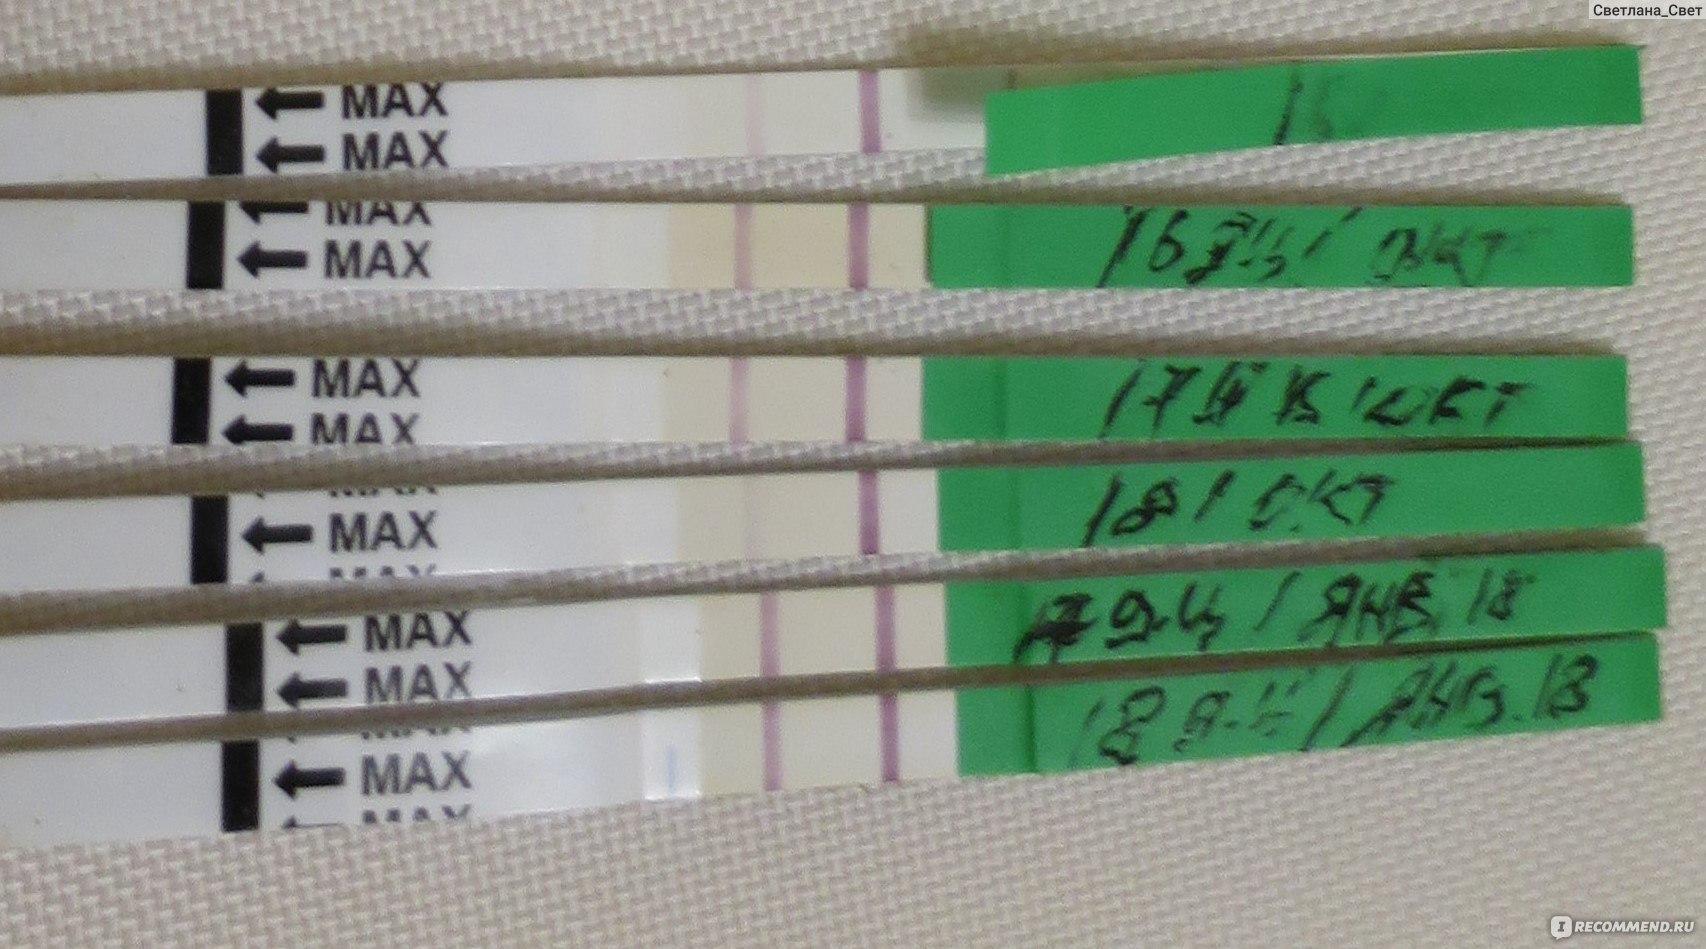 Через сколько дней после зачатия тест покажет беременность? на какой день после незащищенного полового акта можно делать тест и получить правильный результат?